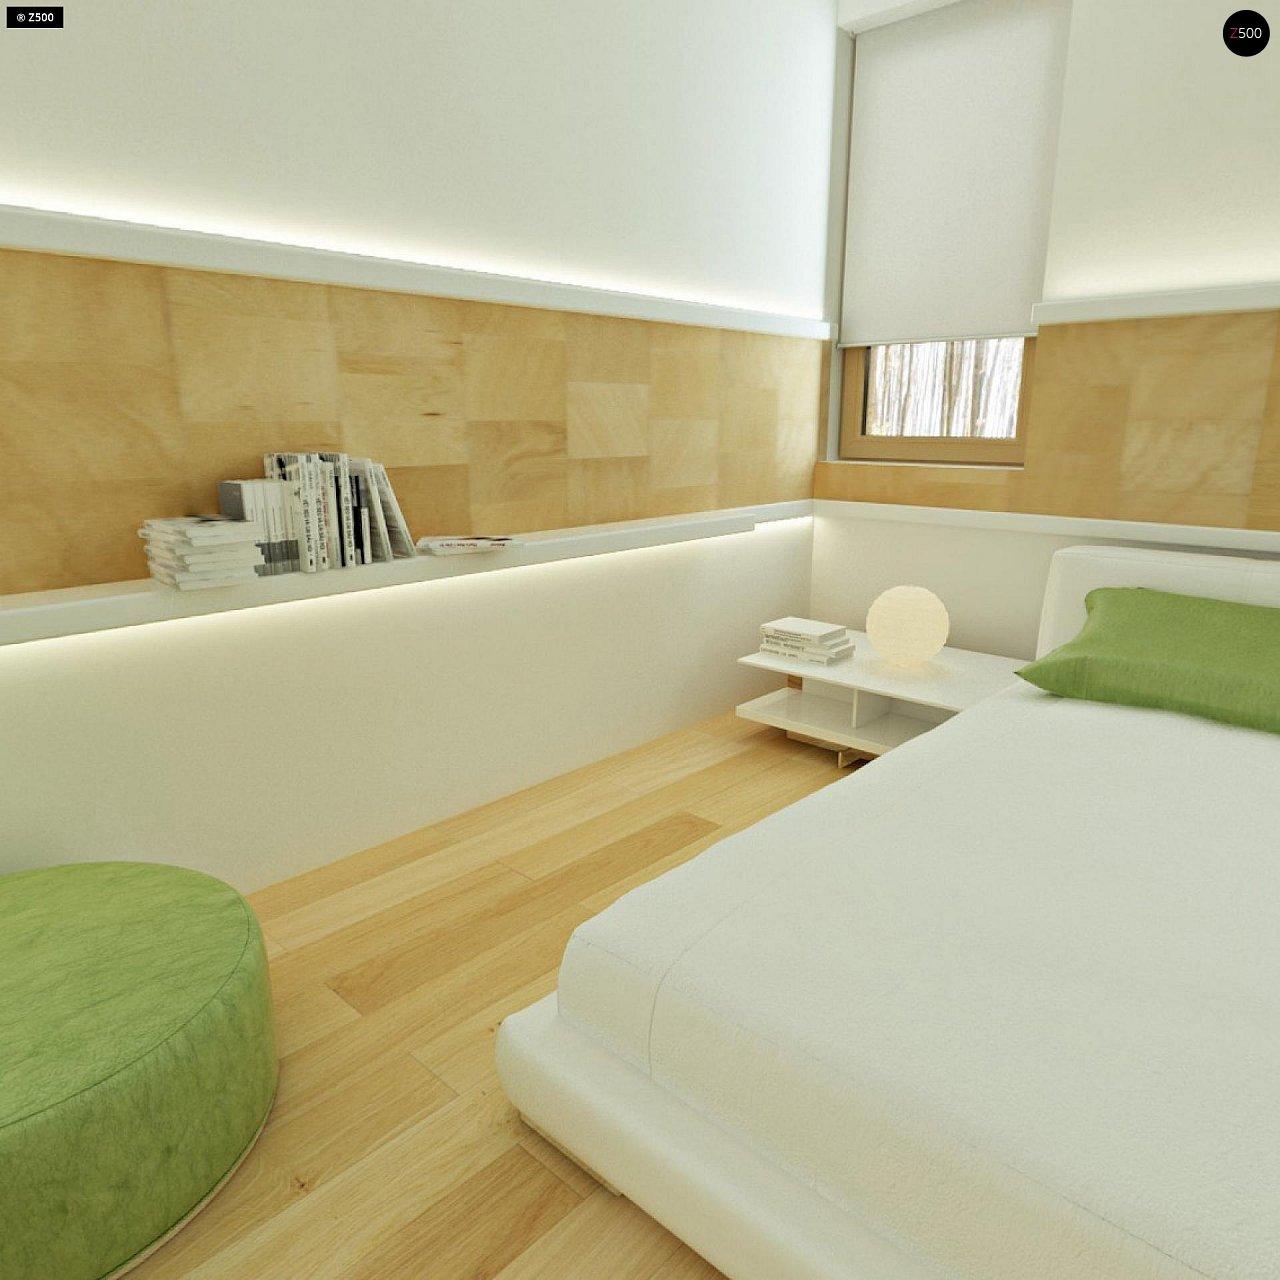 Двухэтажный дом, сочетающий традиционные формы и современный дизайн, с тремя спальнями и гаражом. 13